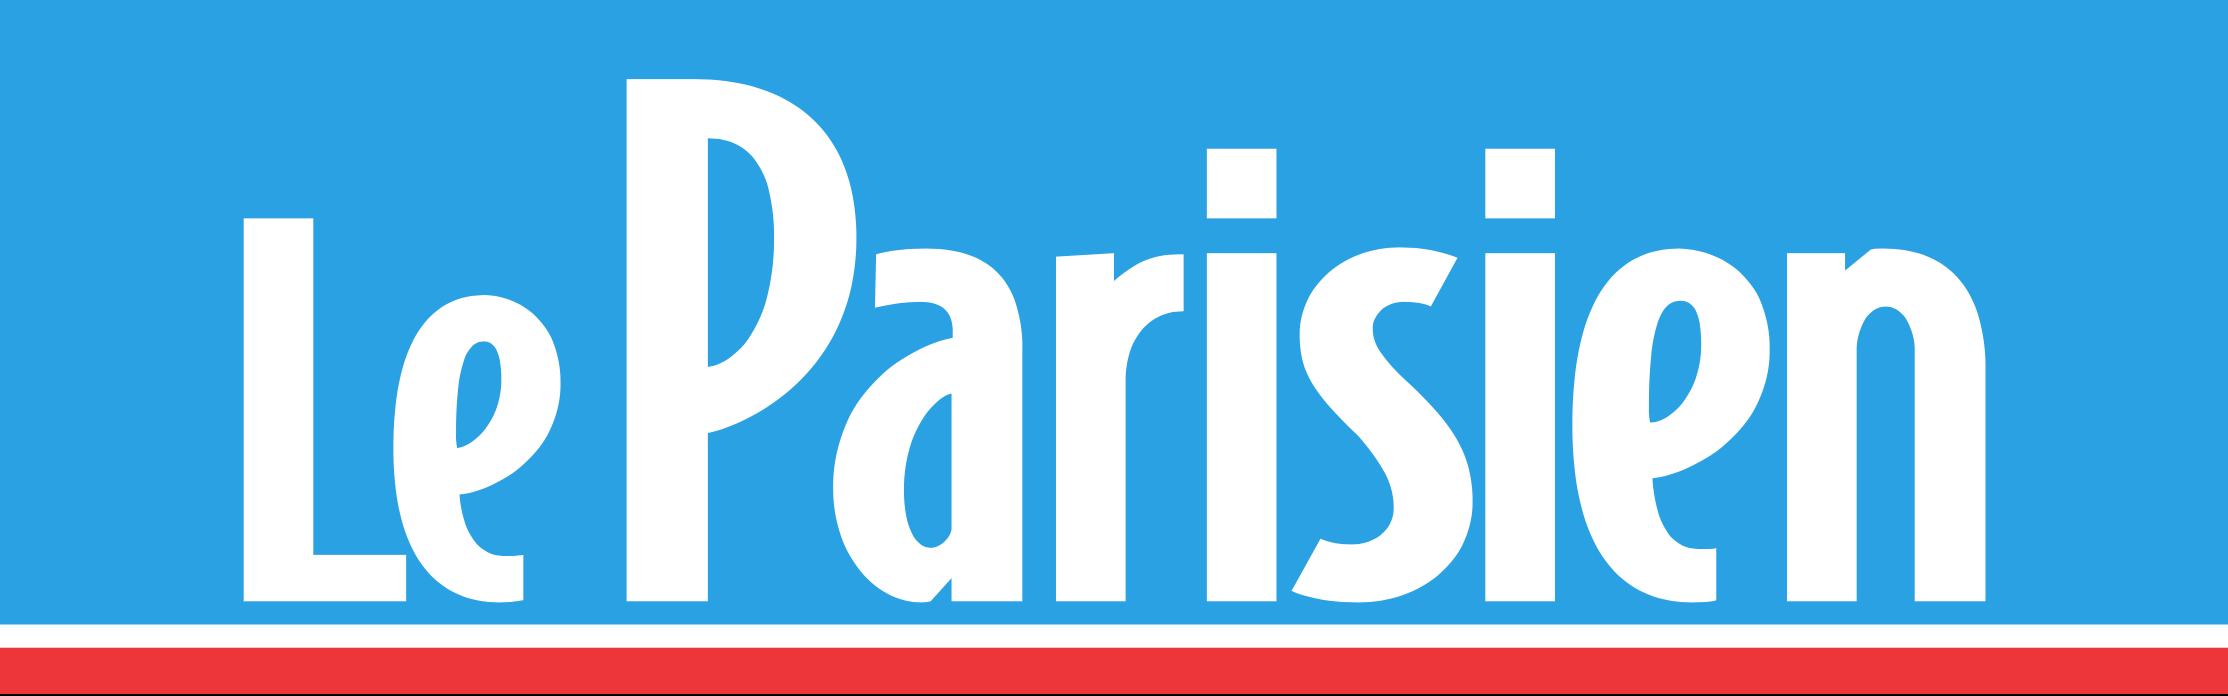 fichier le parisien logo wikip dia. Black Bedroom Furniture Sets. Home Design Ideas